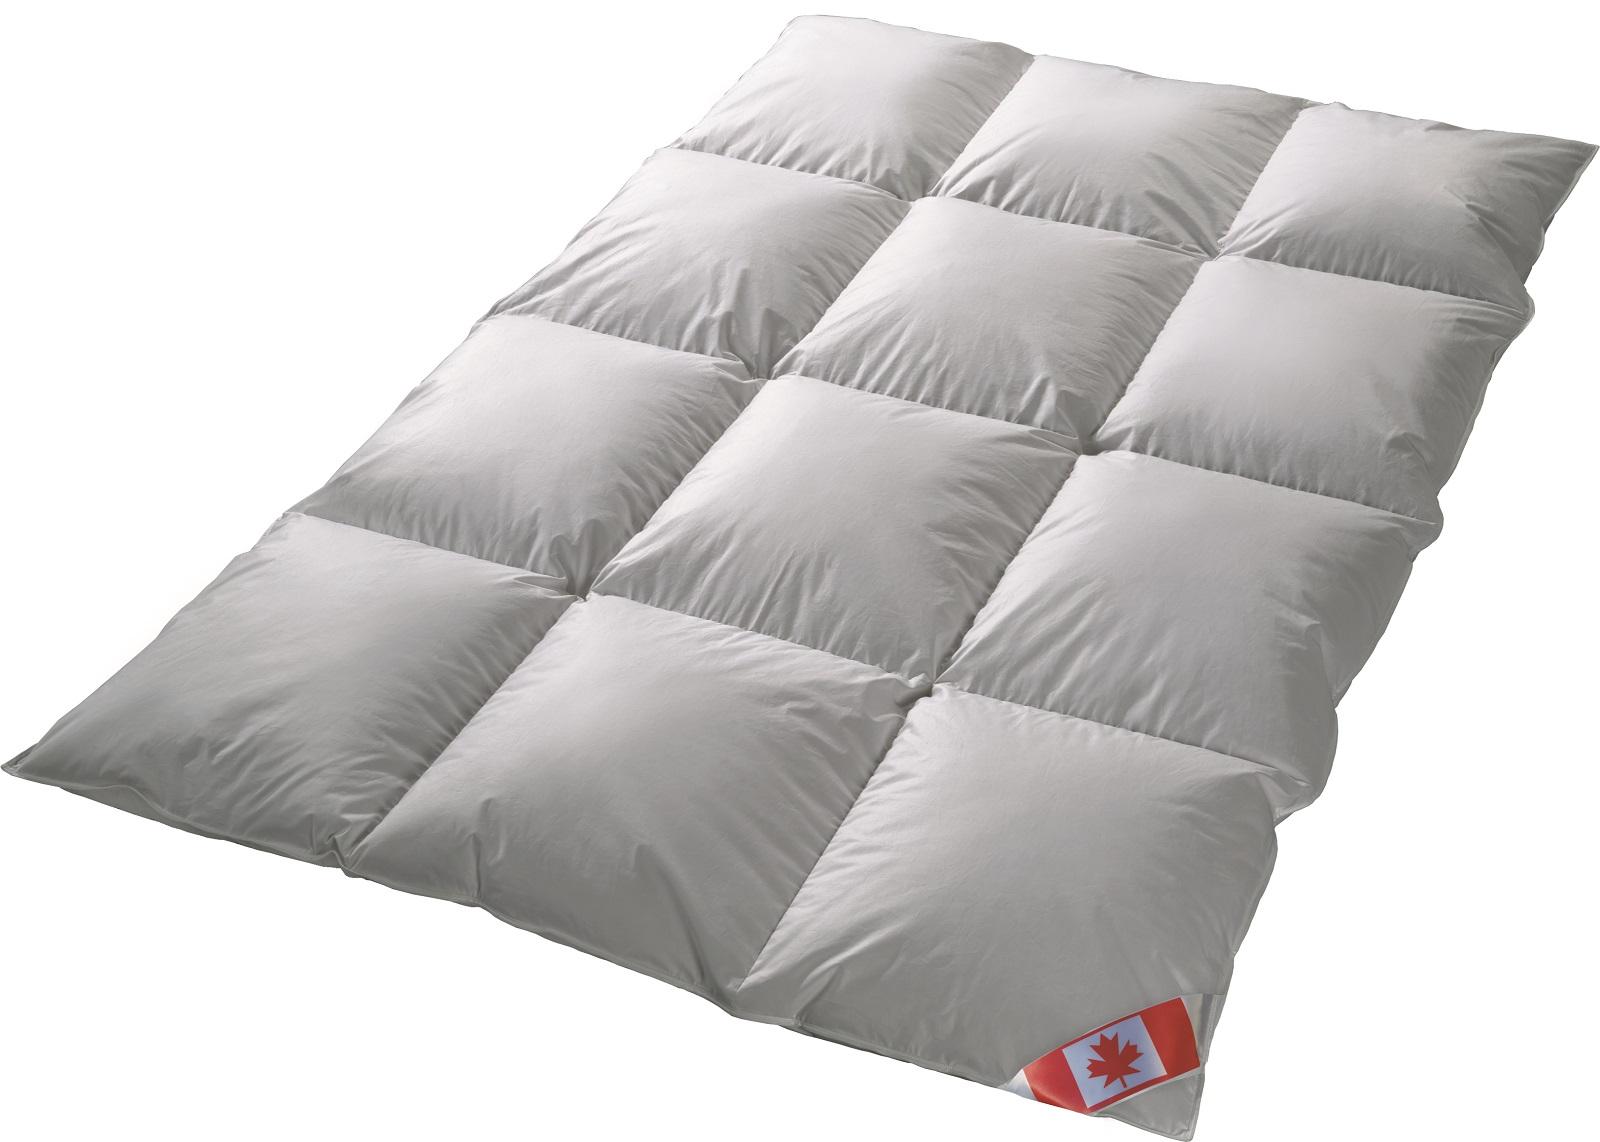 Canada Kassetten Daunendecke EXTRA warm Winter 100% Daune 100% Natur 135x200 R5